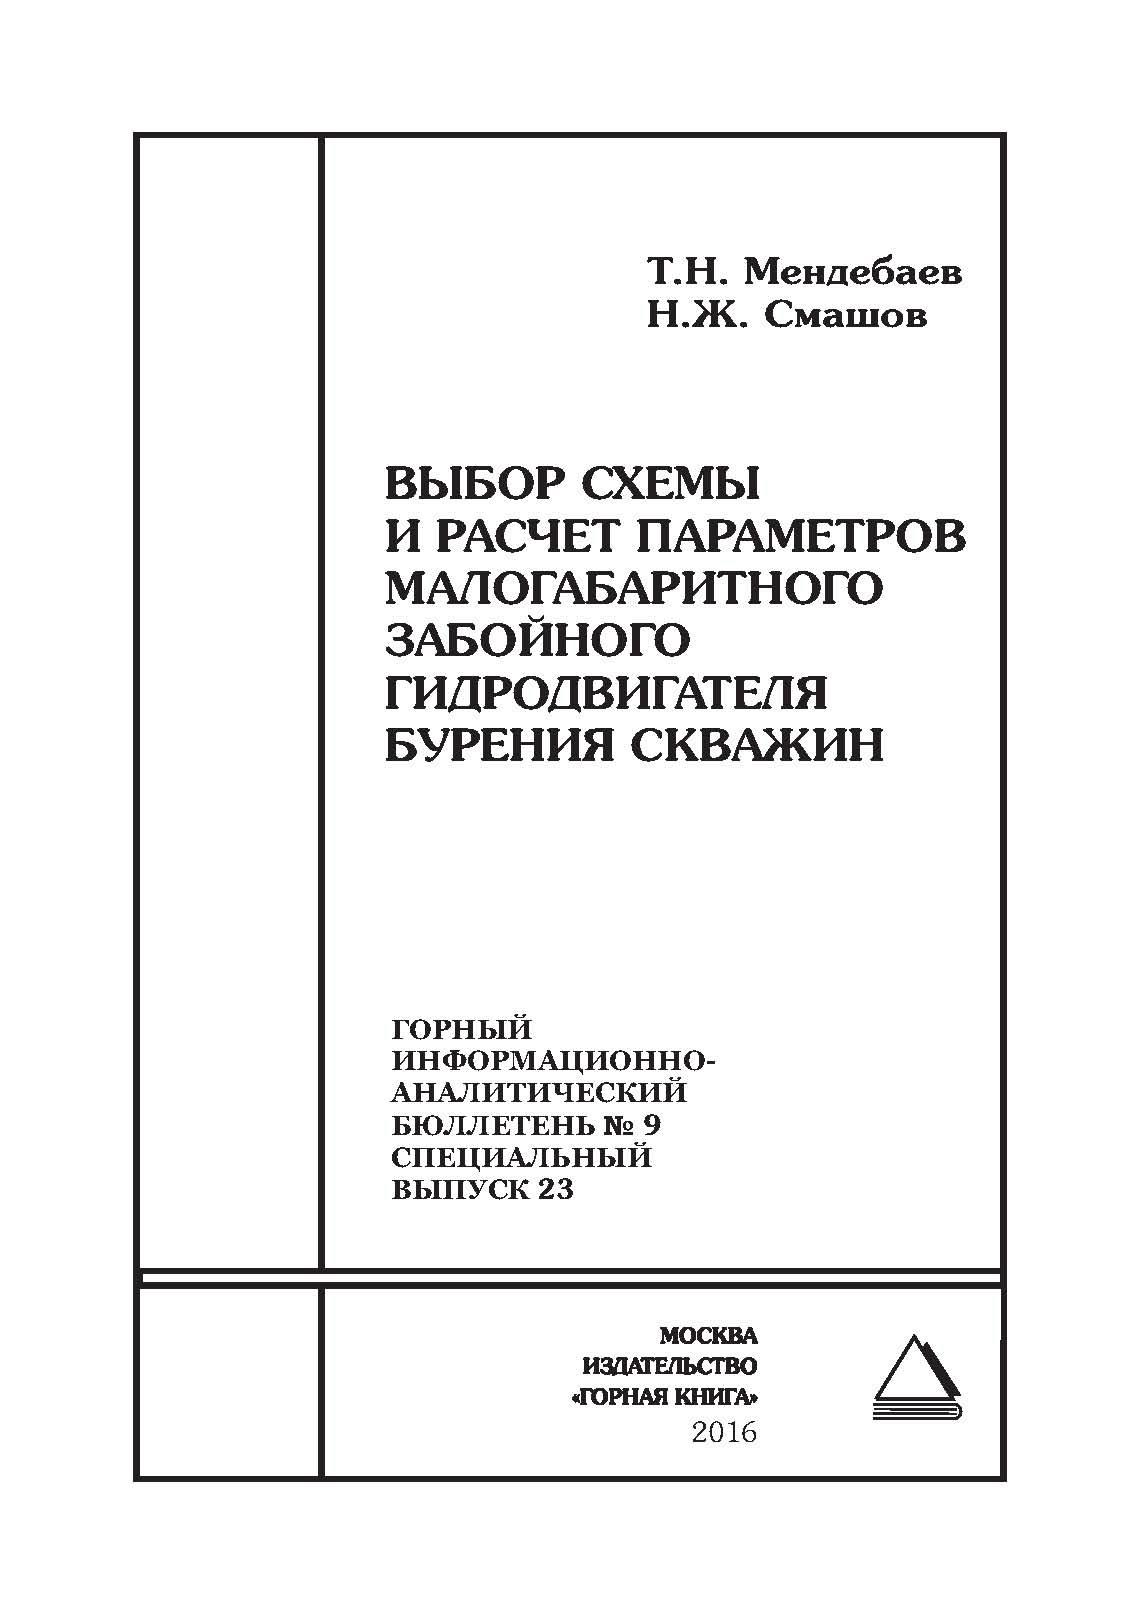 Выбор схемы и расчет параметров малогабаритного забойного гидродвигателя бурения скважин ( Т. Н. Мендебаев  )